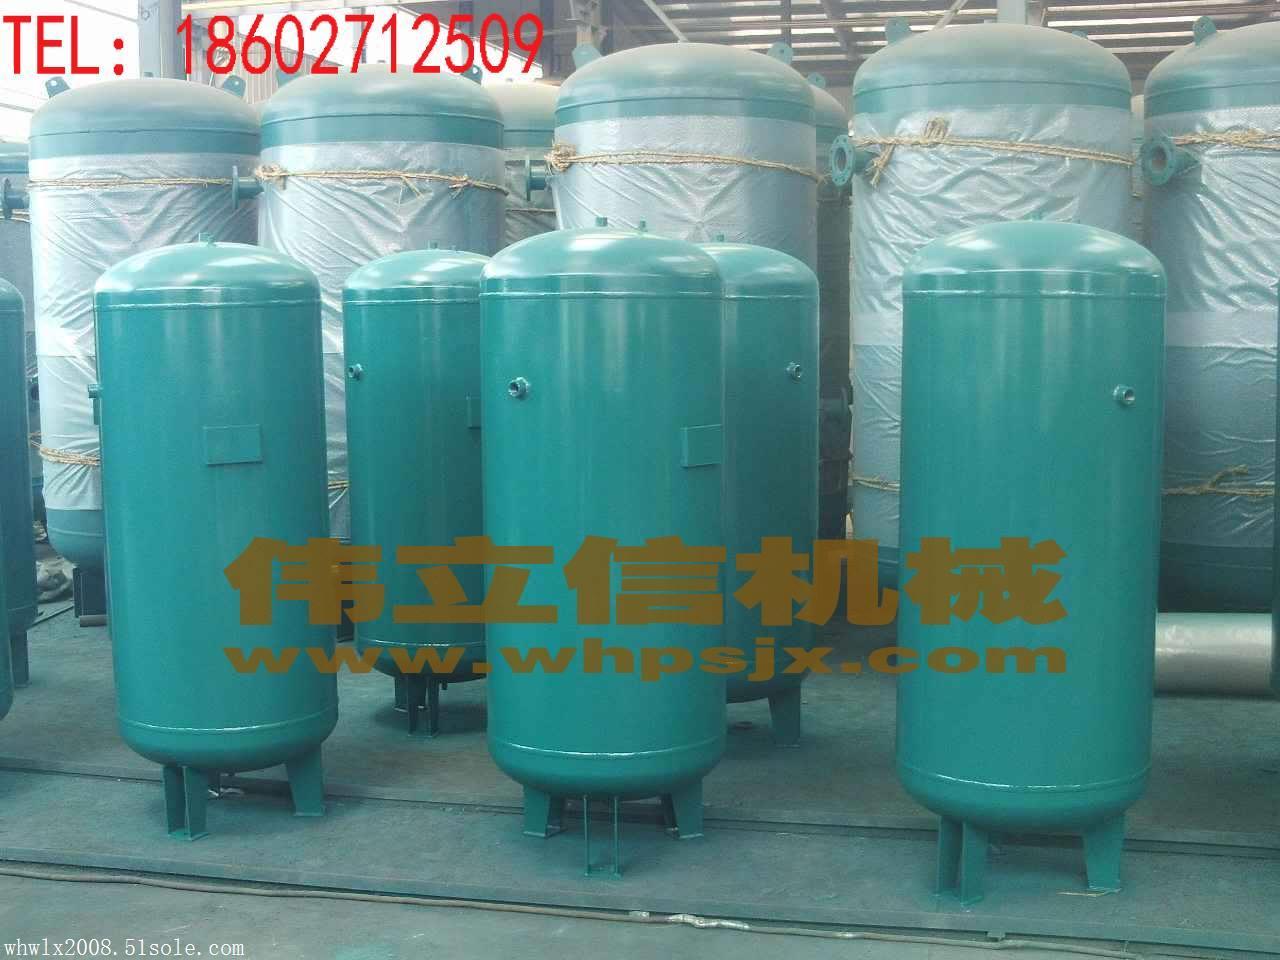 黄冈喷砂专用储气罐空压机配套储气罐 浠水储气罐